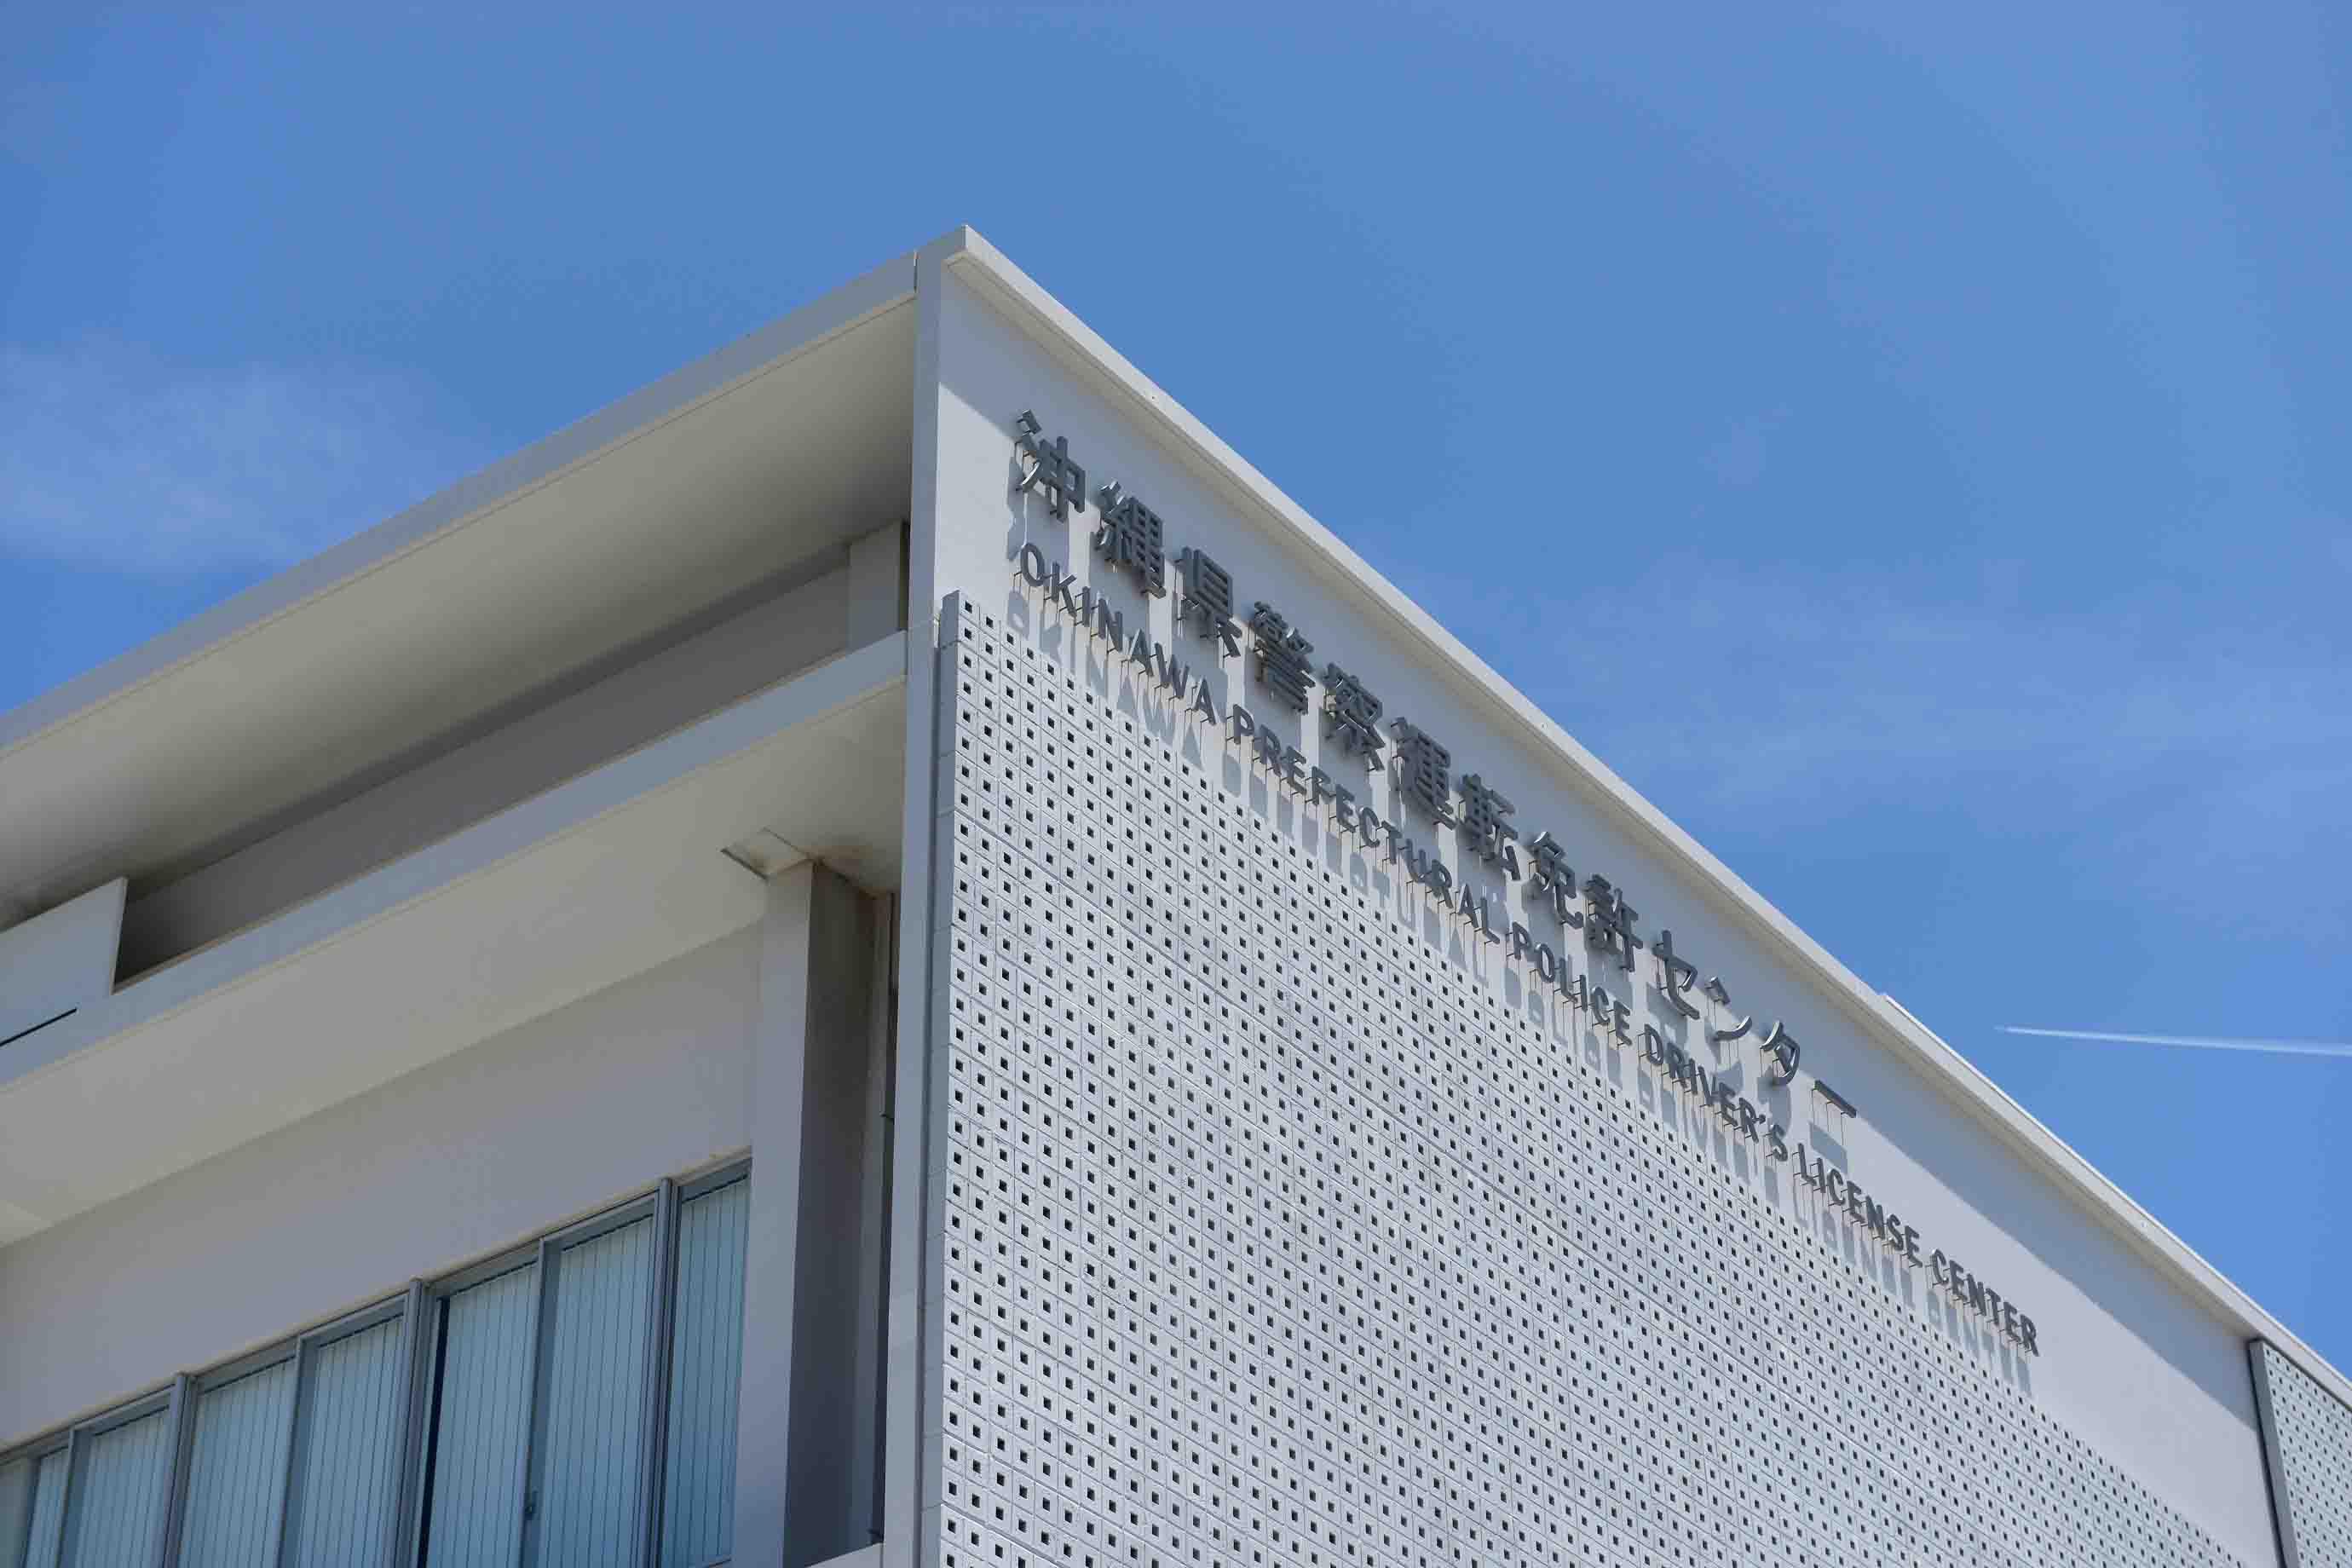 沖縄県警察運転免許センターの壁に使われている花ブロック